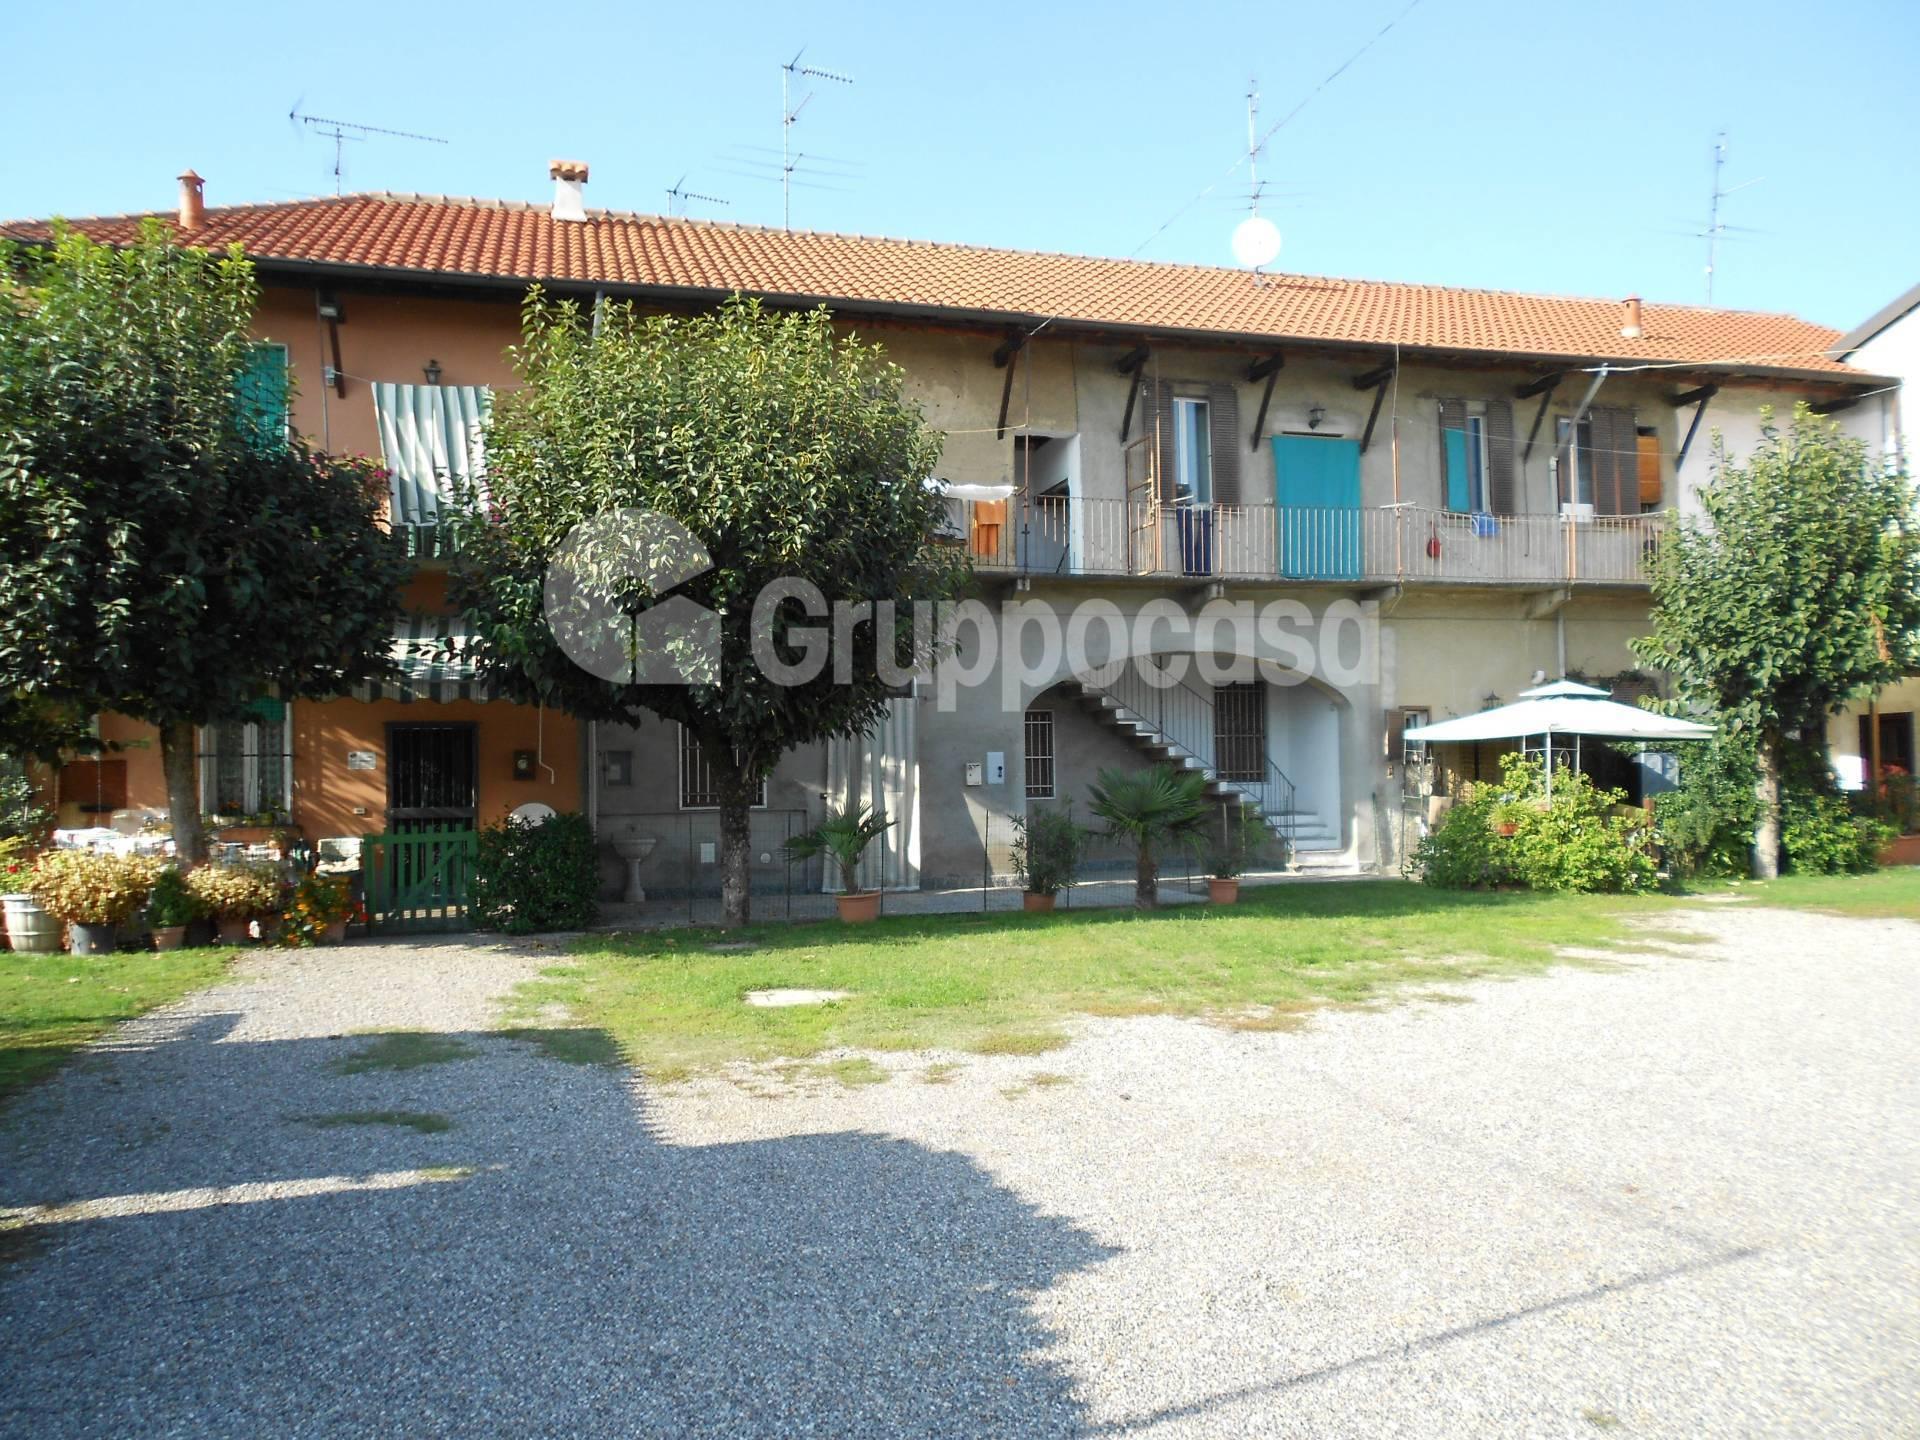 Appartamento in affitto a Magenta, 2 locali, zona evecchio, prezzo € 500 | PortaleAgenzieImmobiliari.it